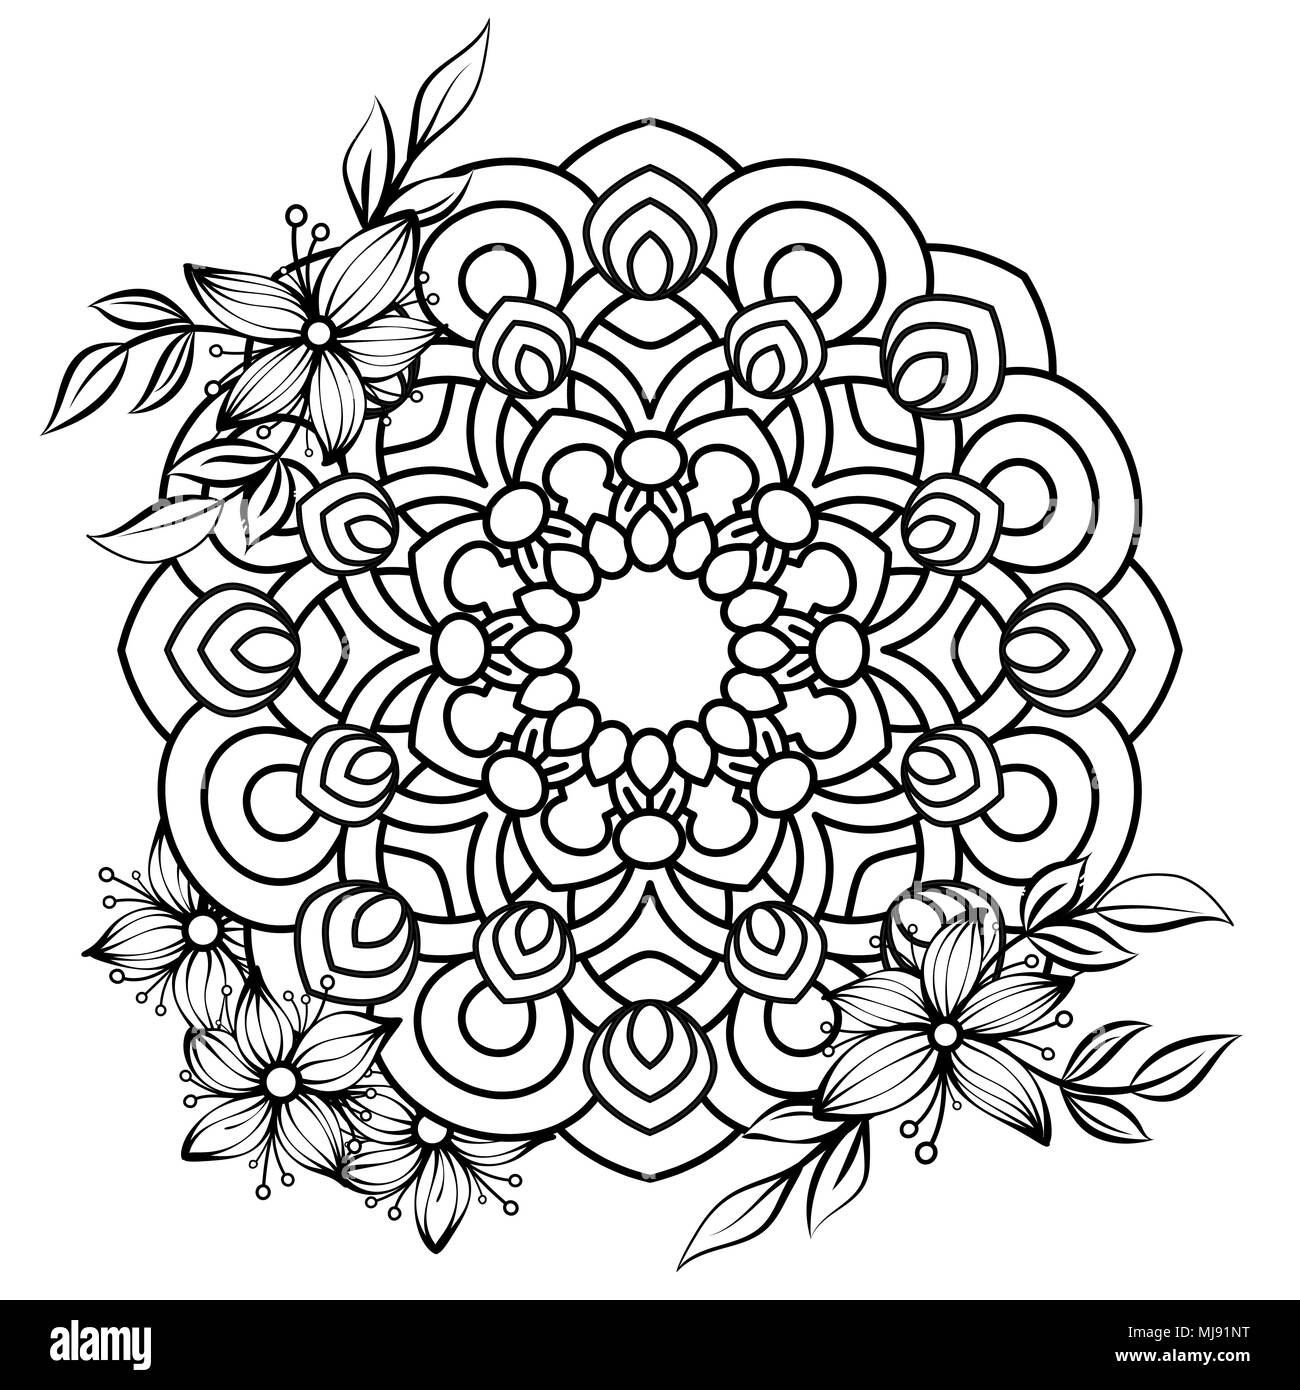 Mandala Patron Floral En Blanco Y Negro Libro Para Colorear De